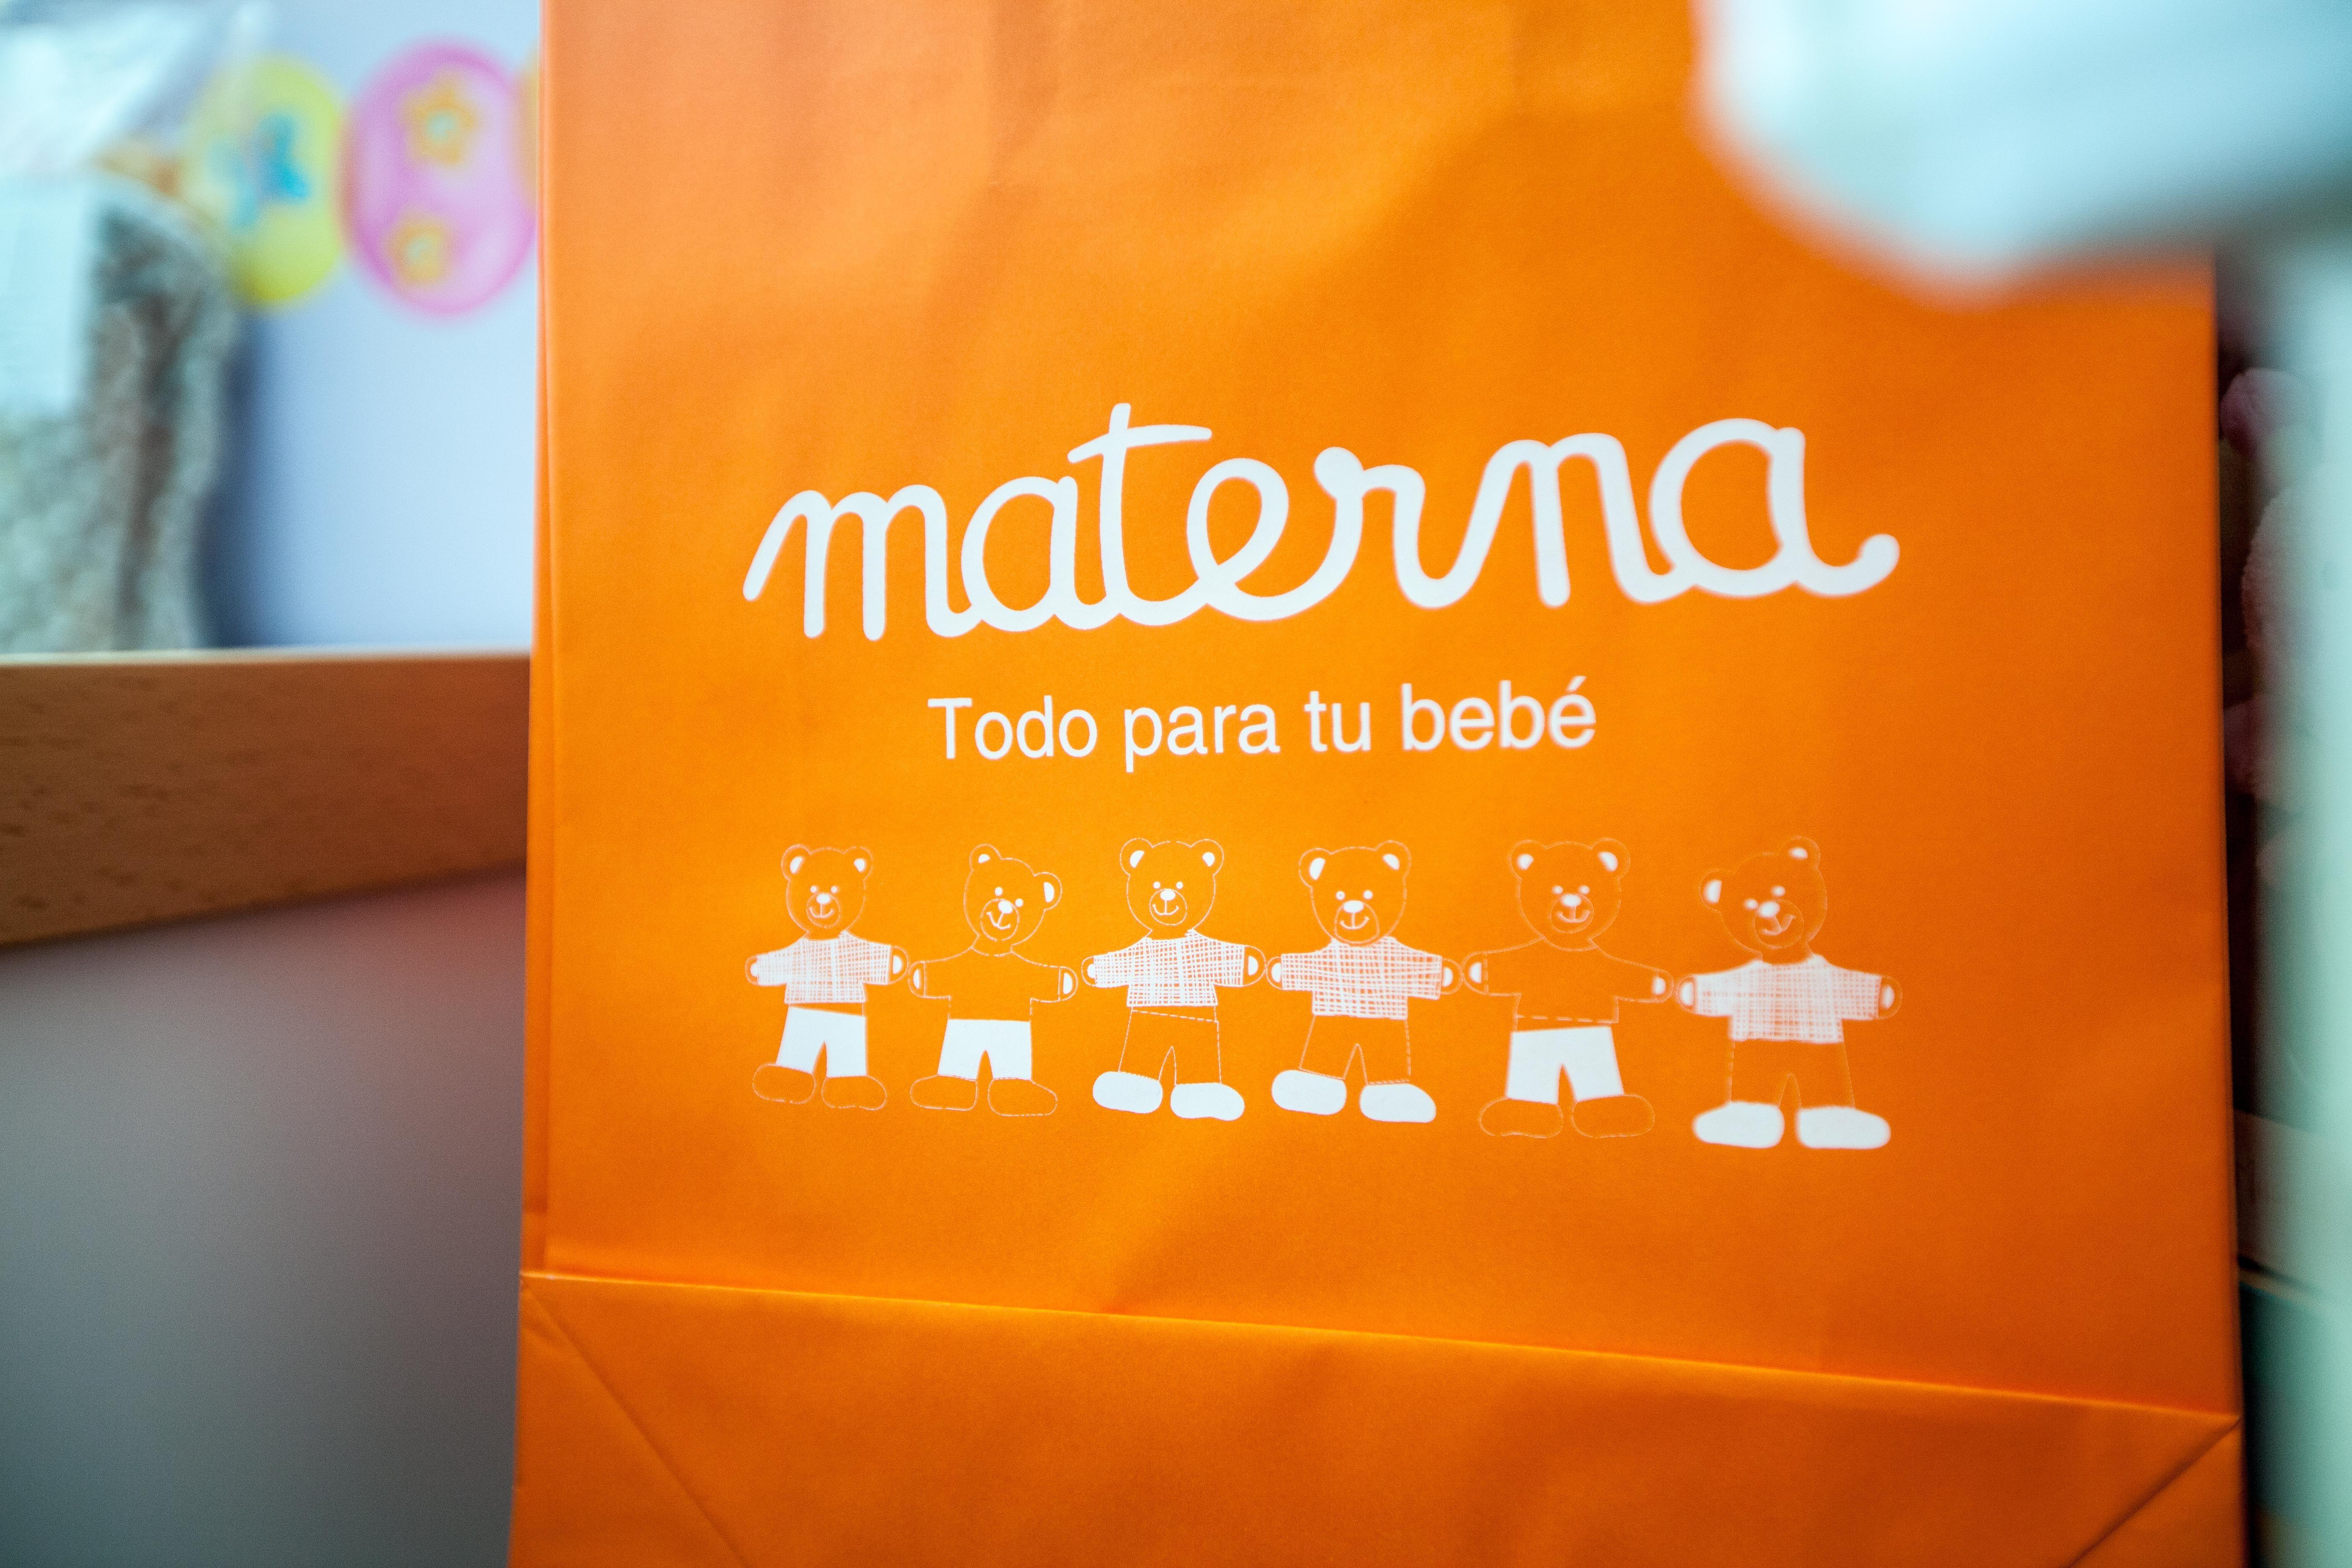 Foto 8 de Mobiliario infantil en L'Hospitalet de Llobregat | Materna|Productos para bebé con los precios más bajos